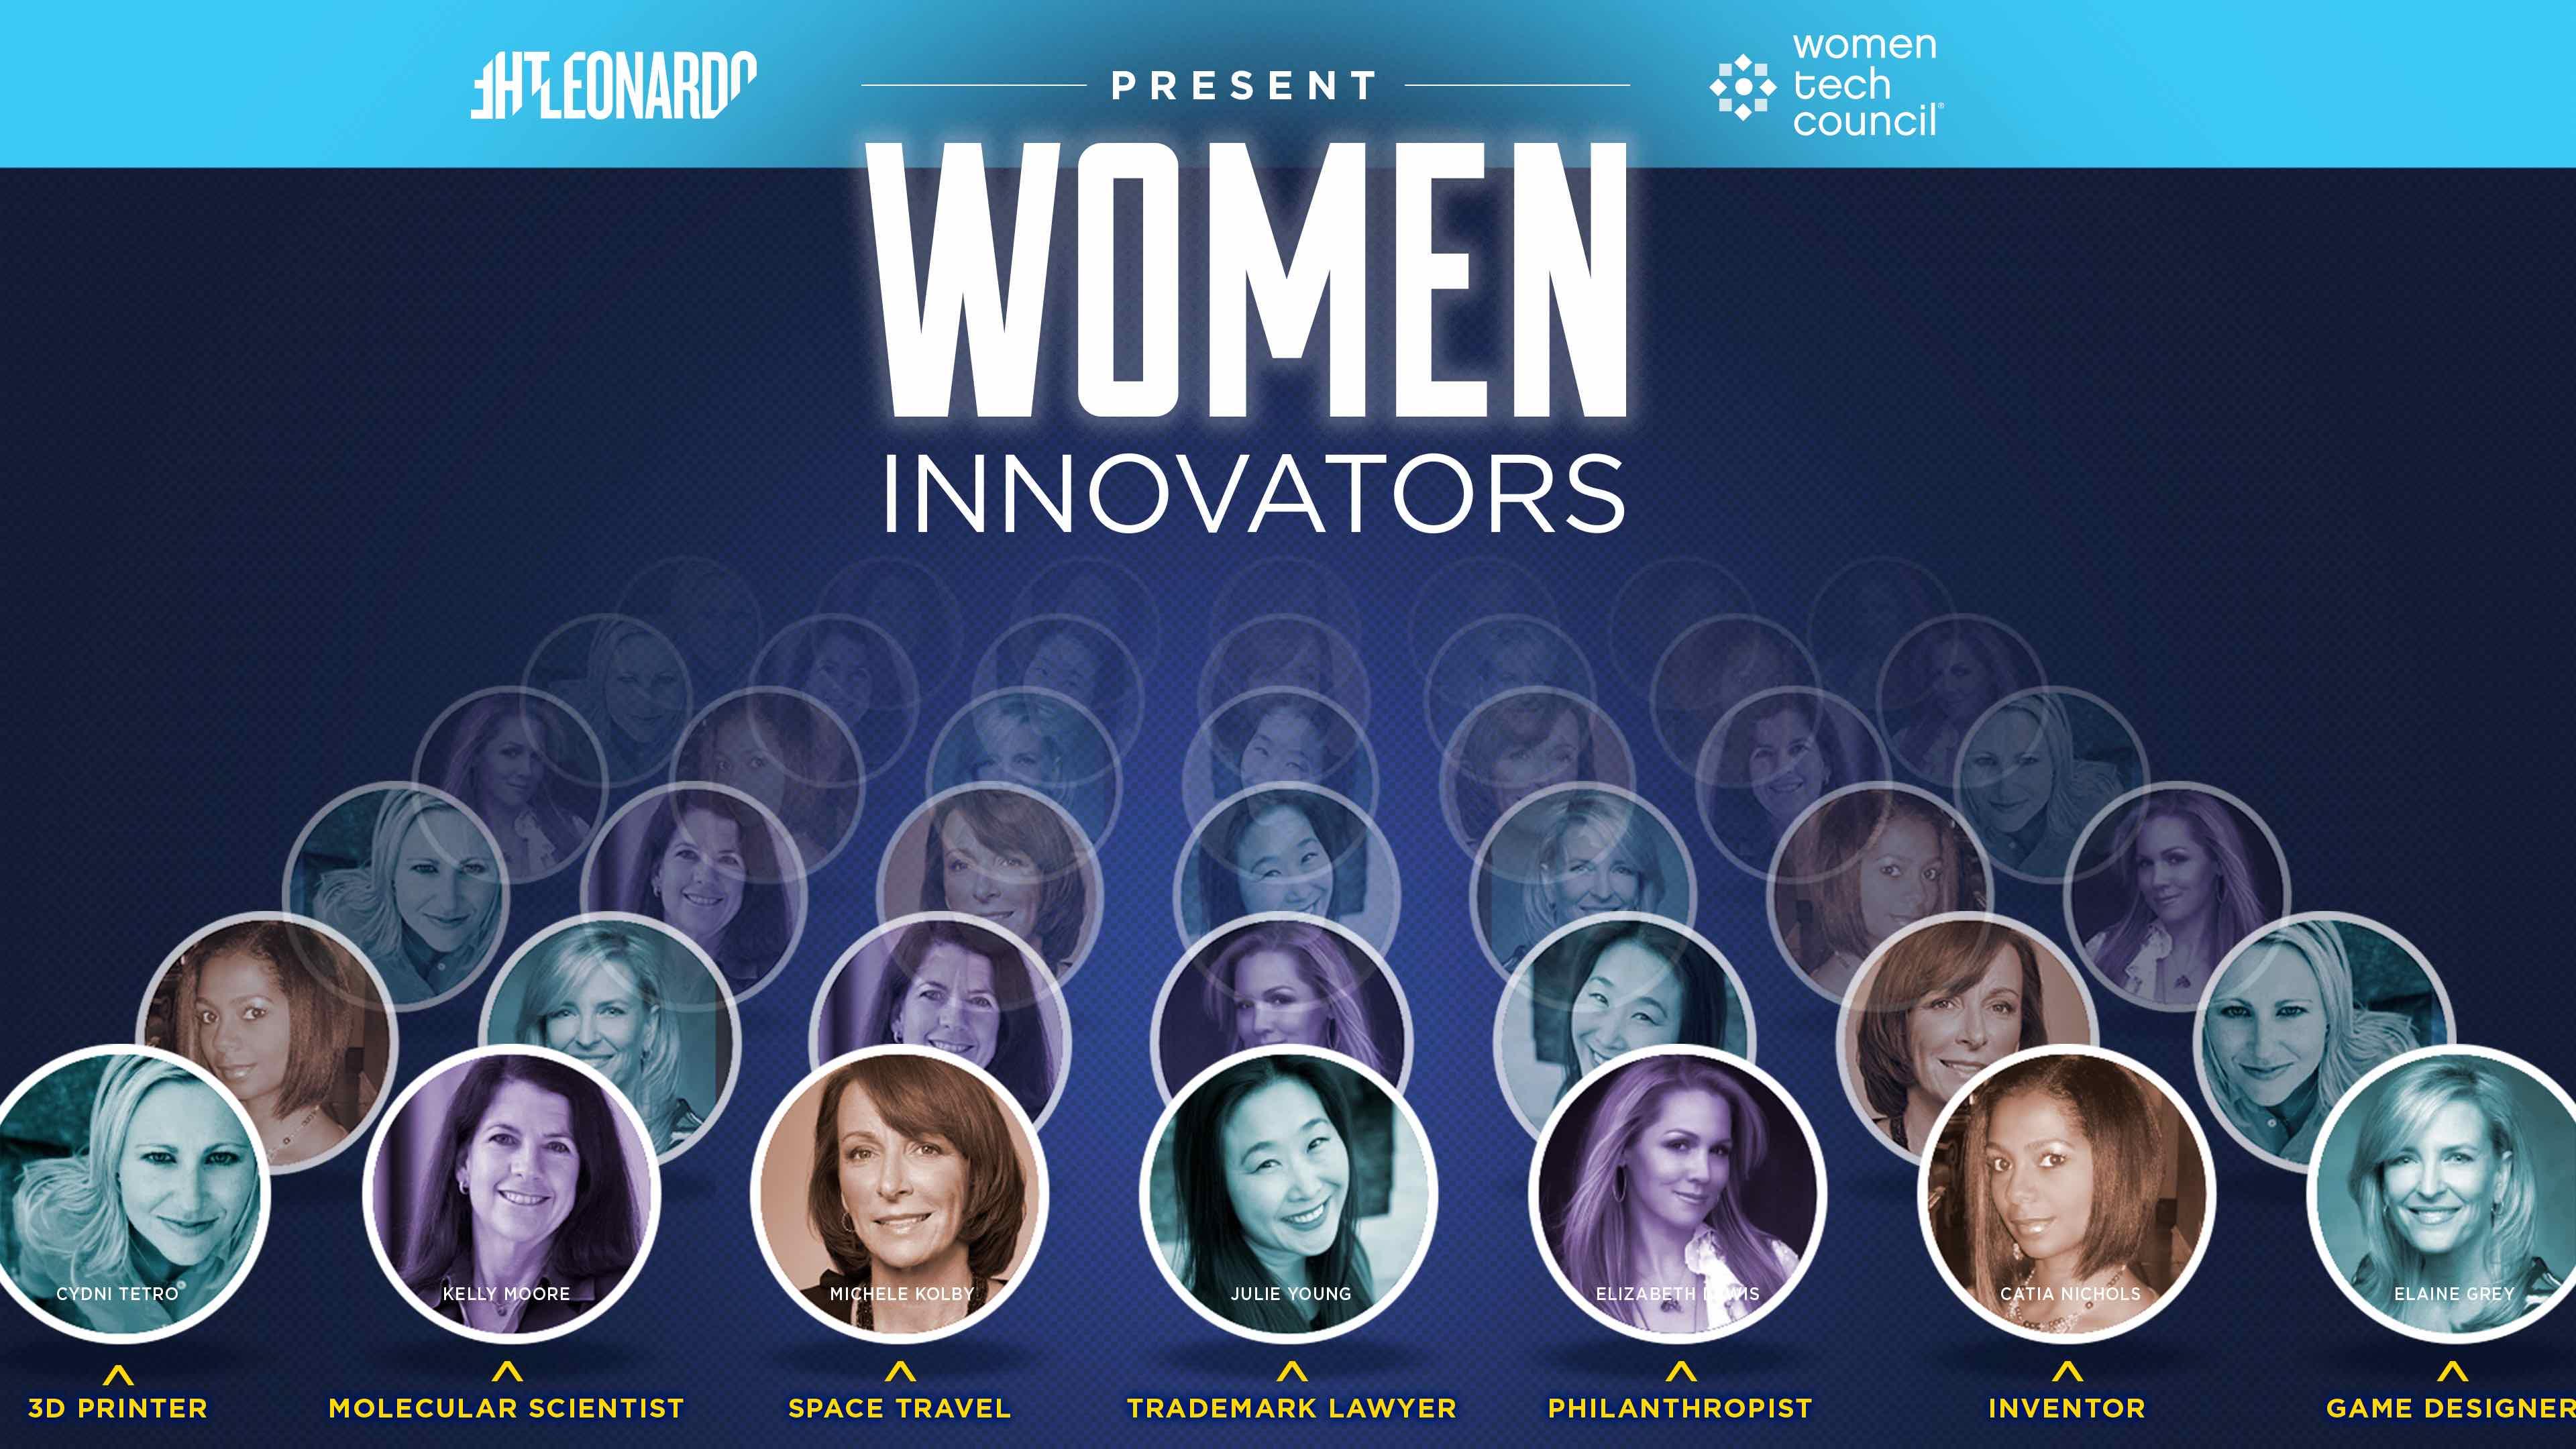 womeninnovators1